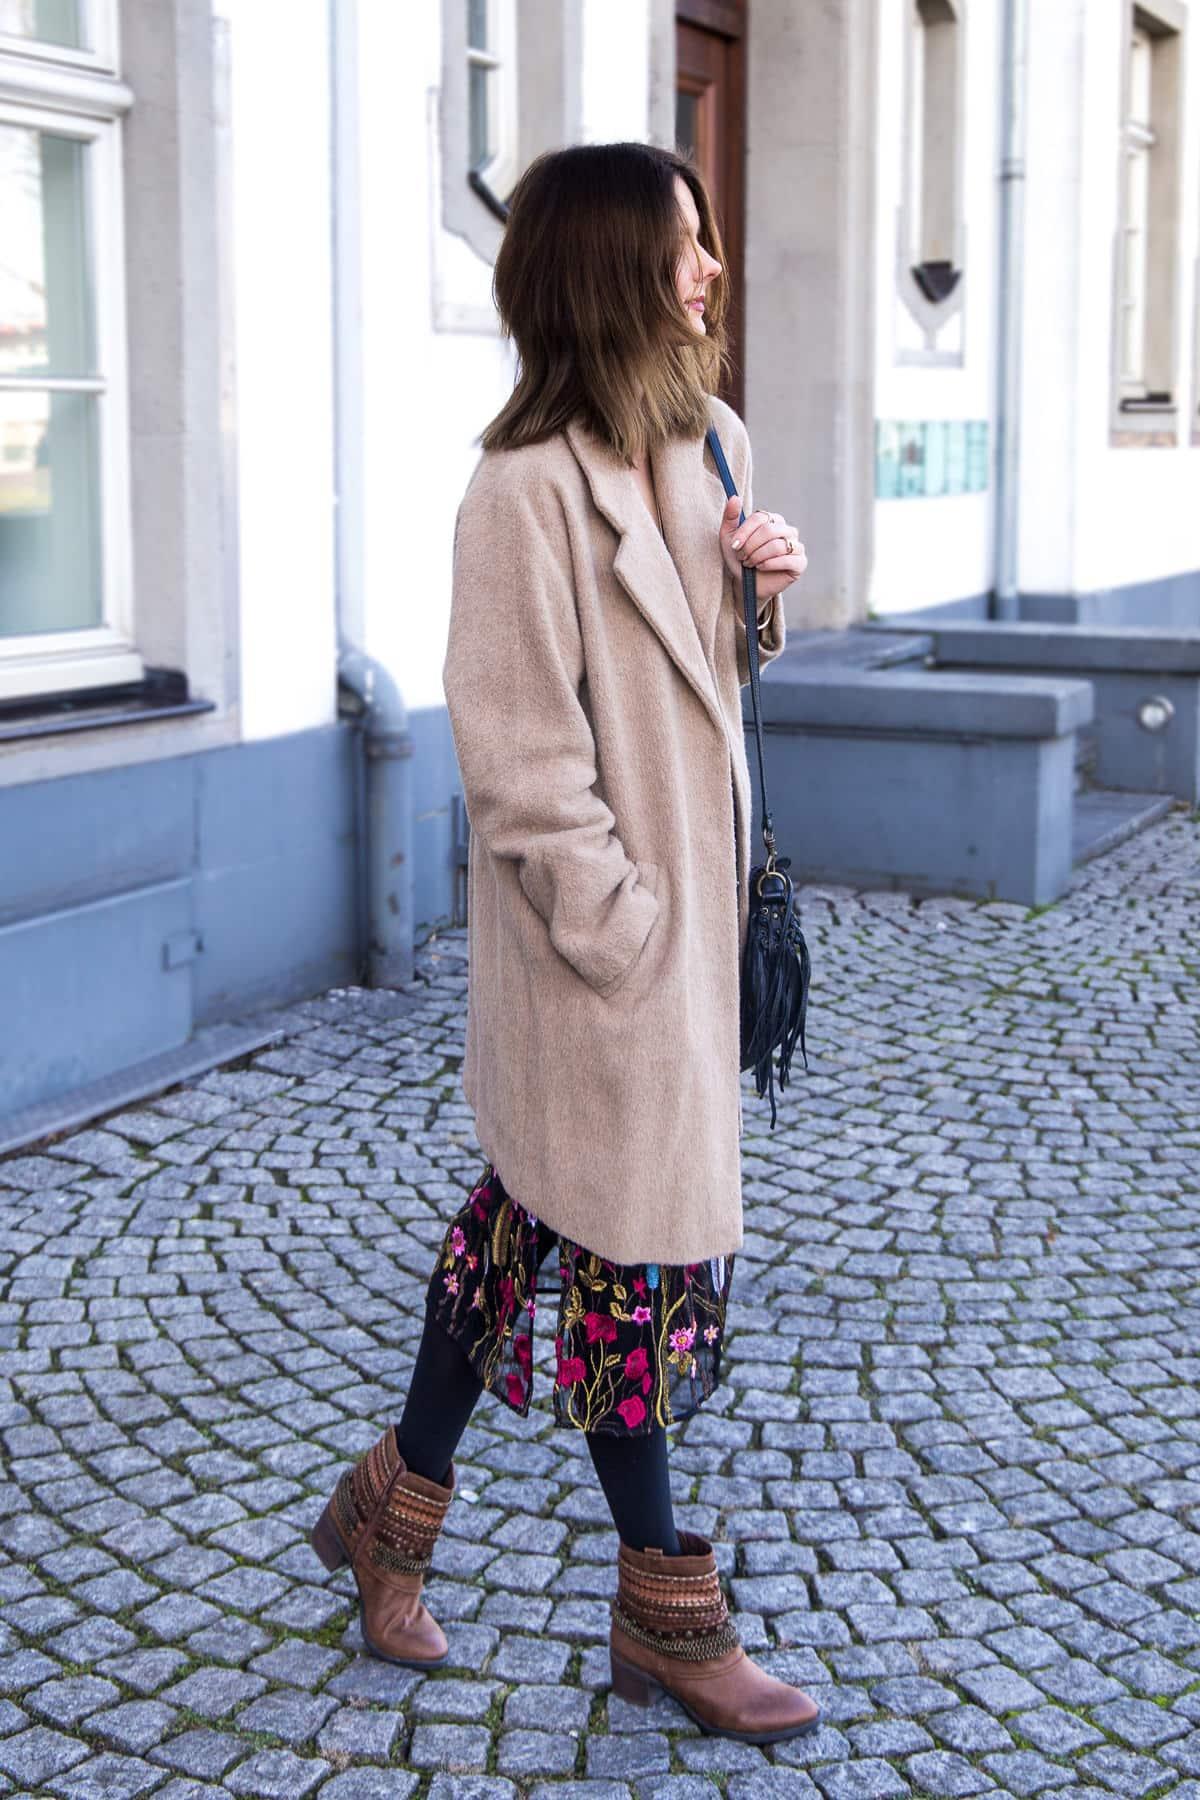 Prints im Winter: Zara Midikleid, Cowboy Boots und Ketten Layering